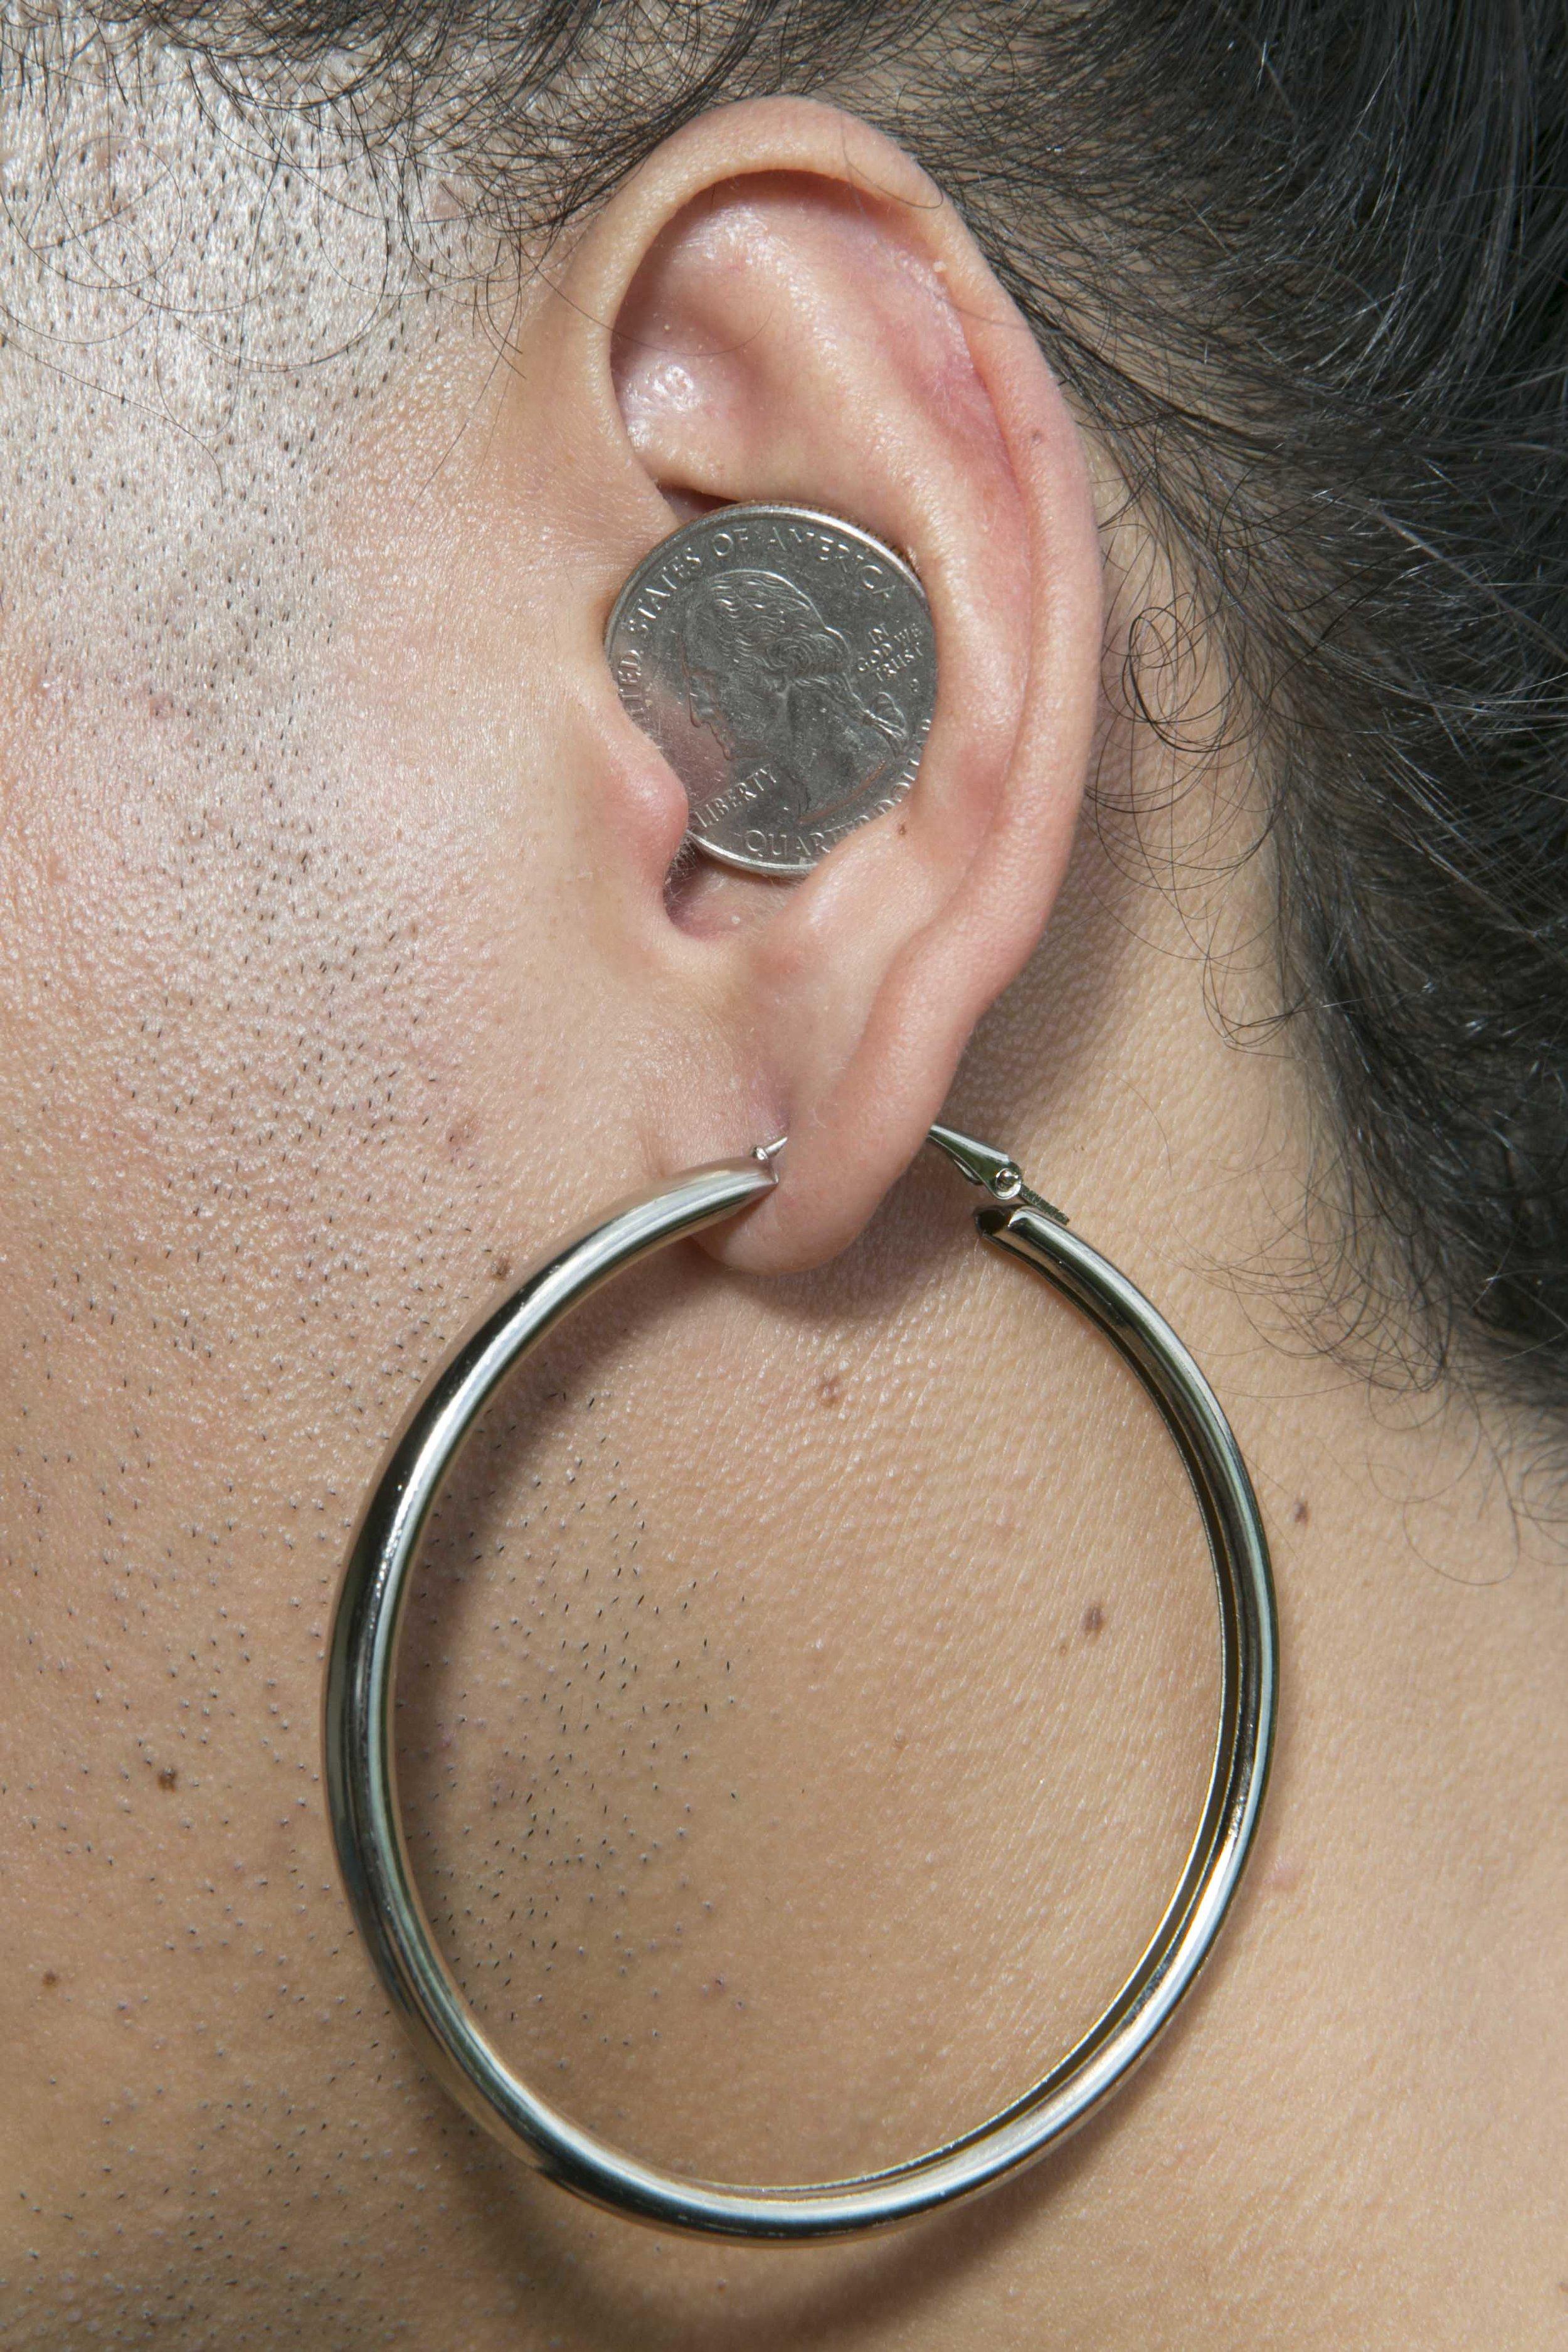 NadiA espera el bus con una cora ($0.25) que robó de la cartera de su padre. Andar monedas en la oreja es considerado algo muy masculino en este país y, como ella fue criada como hombre, mantiene algunos de estos hábitos. Antes de la dolarización en El Salvador, solían poner colones en sus orejas.